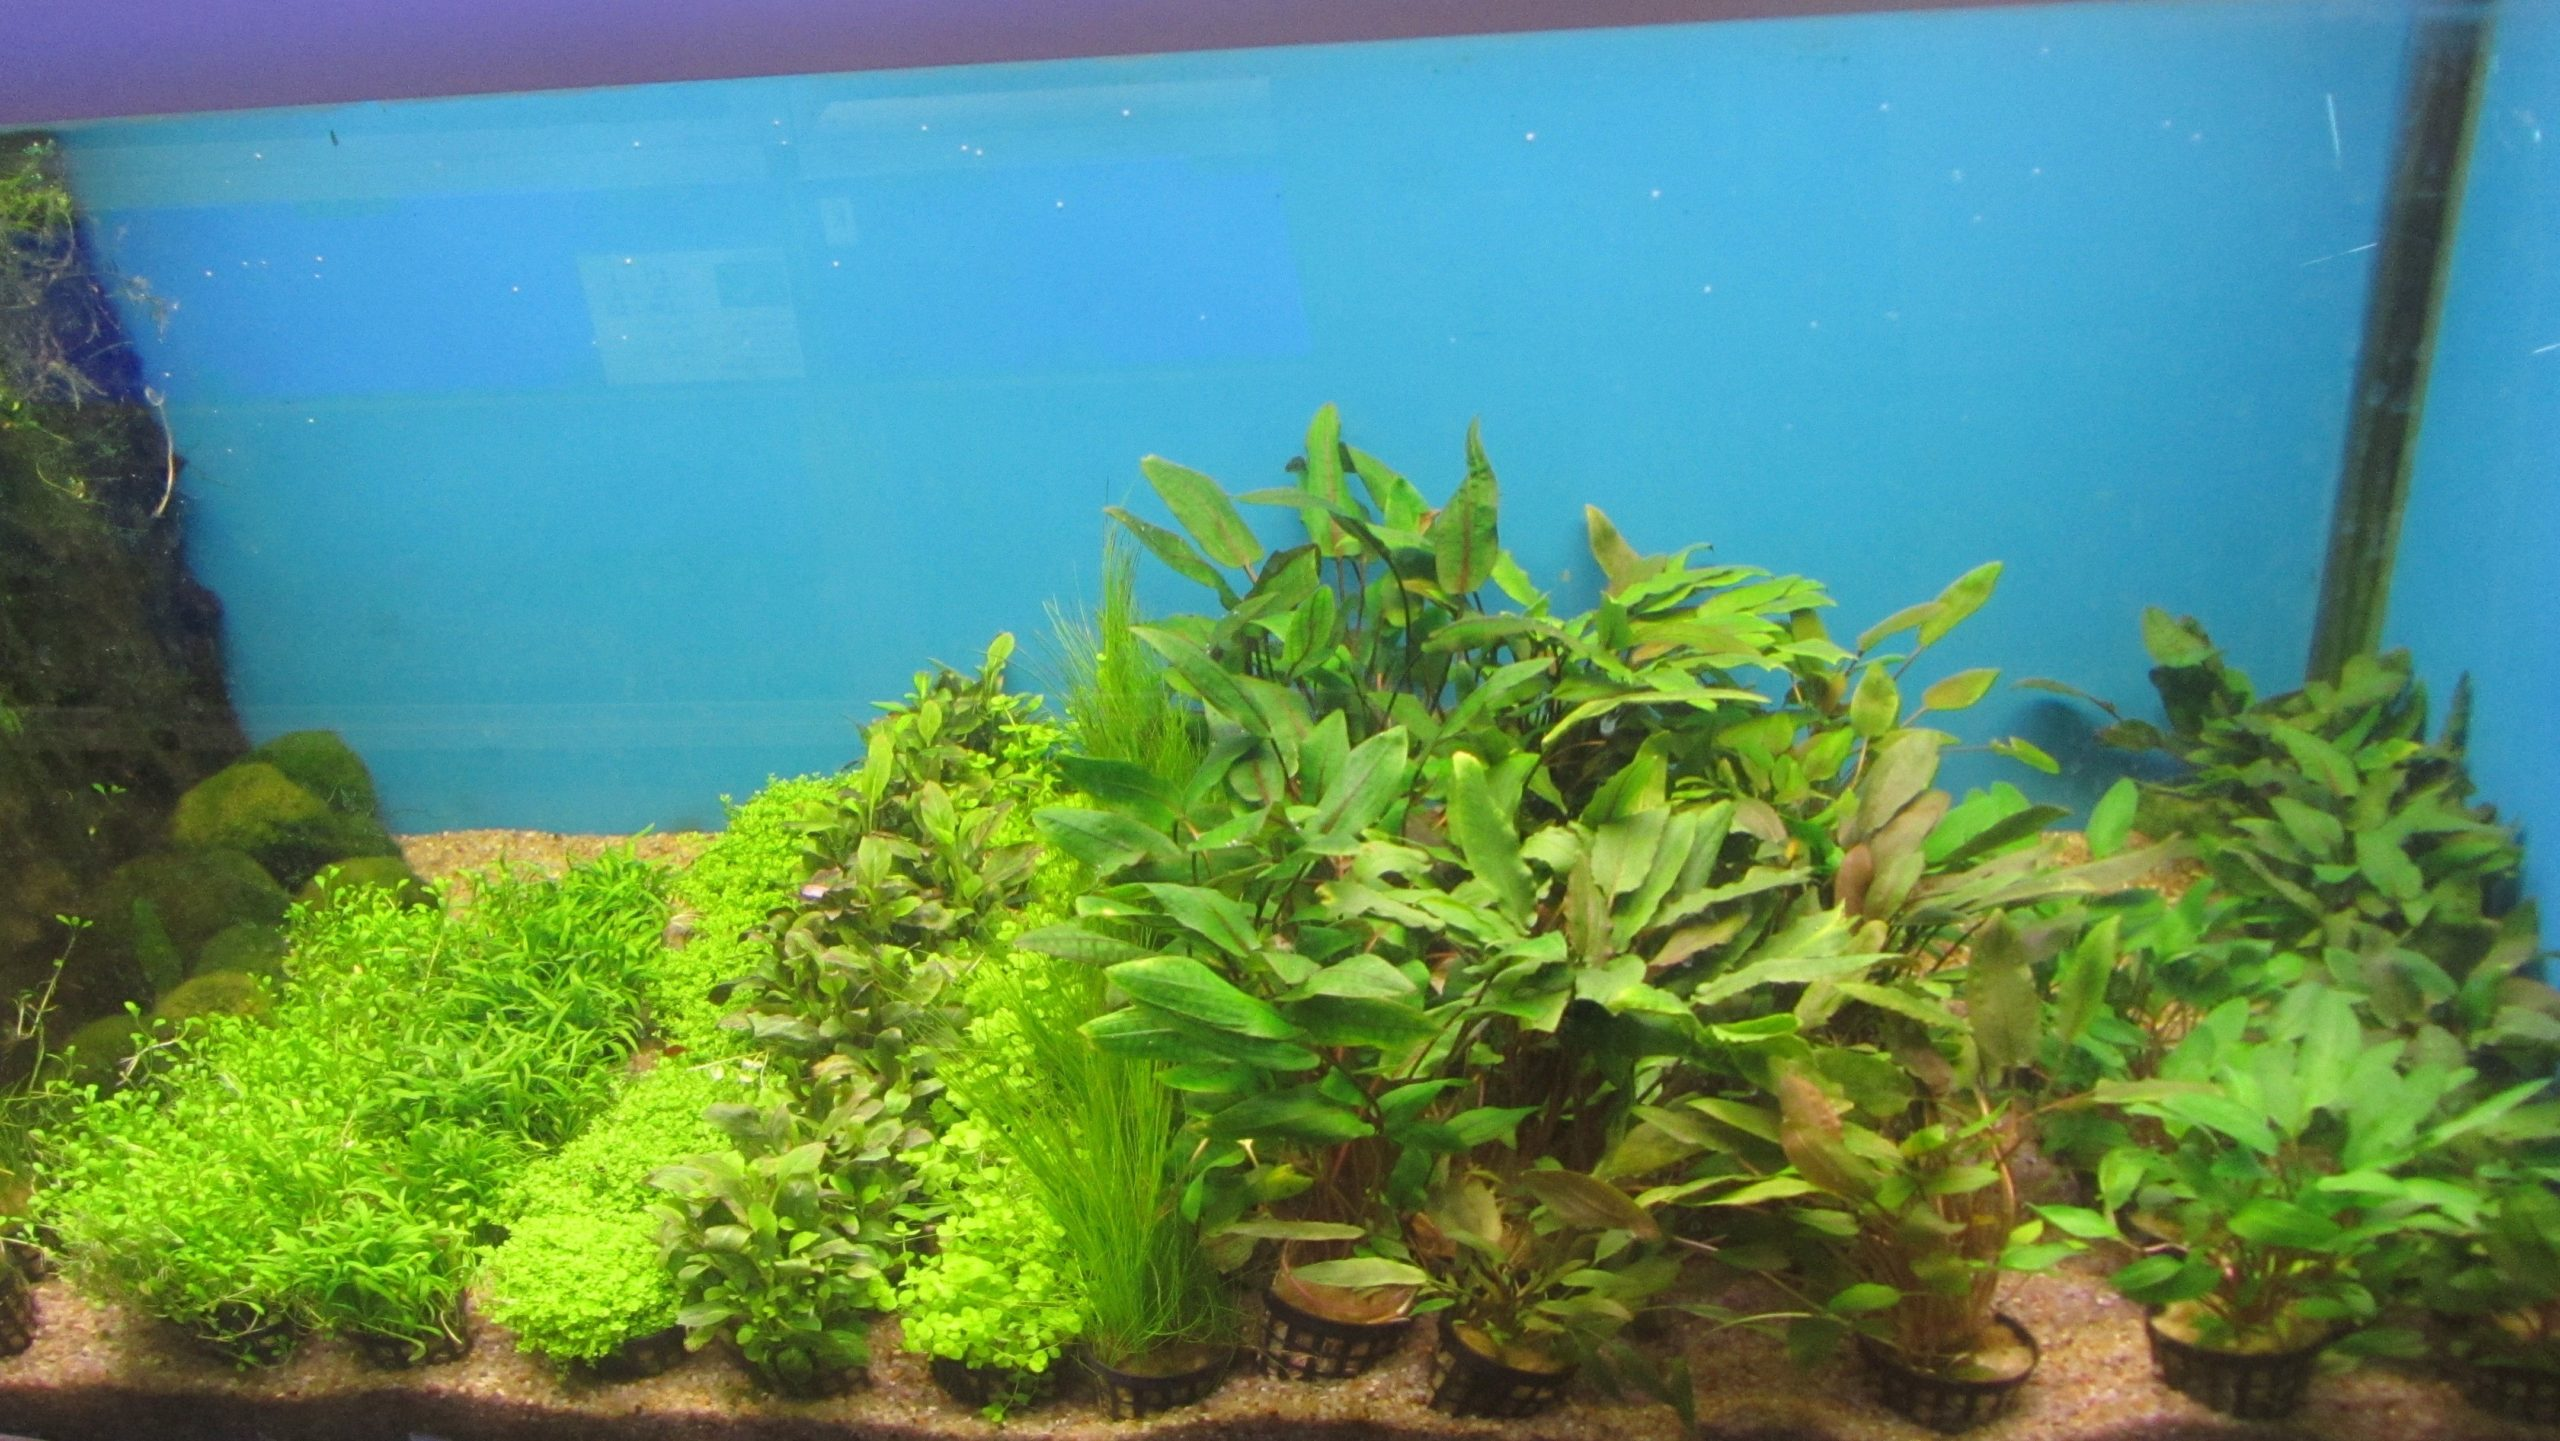 Plantepakke 4 består af 5 Nemme planter. høj, medium, lav